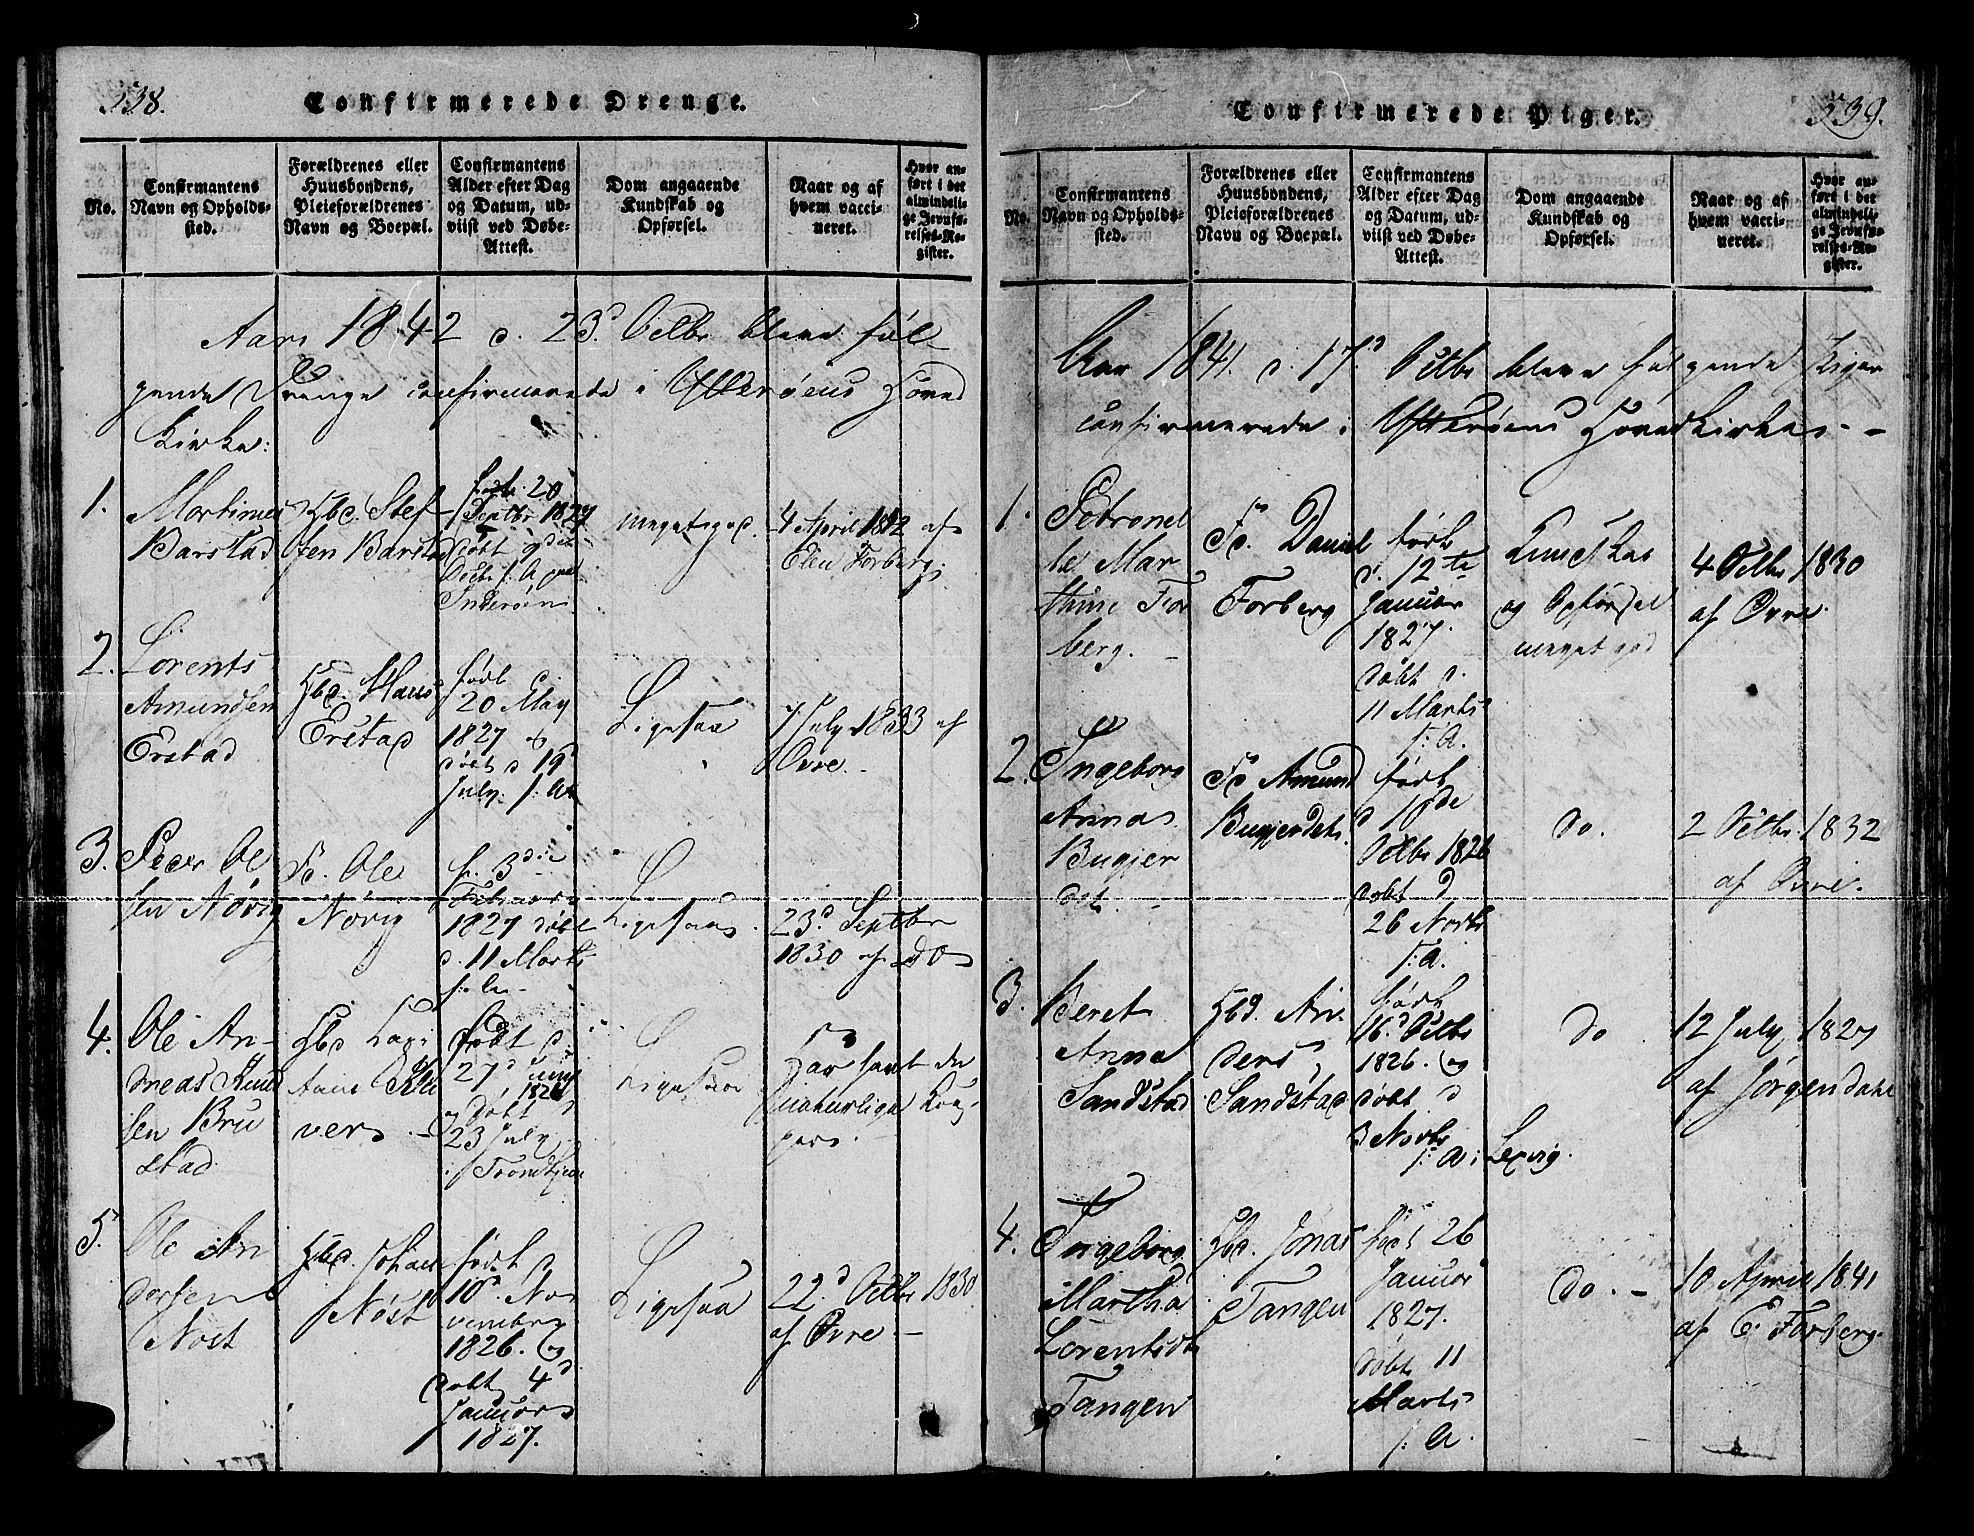 SAT, Ministerialprotokoller, klokkerbøker og fødselsregistre - Nord-Trøndelag, 722/L0217: Ministerialbok nr. 722A04, 1817-1842, s. 538-539